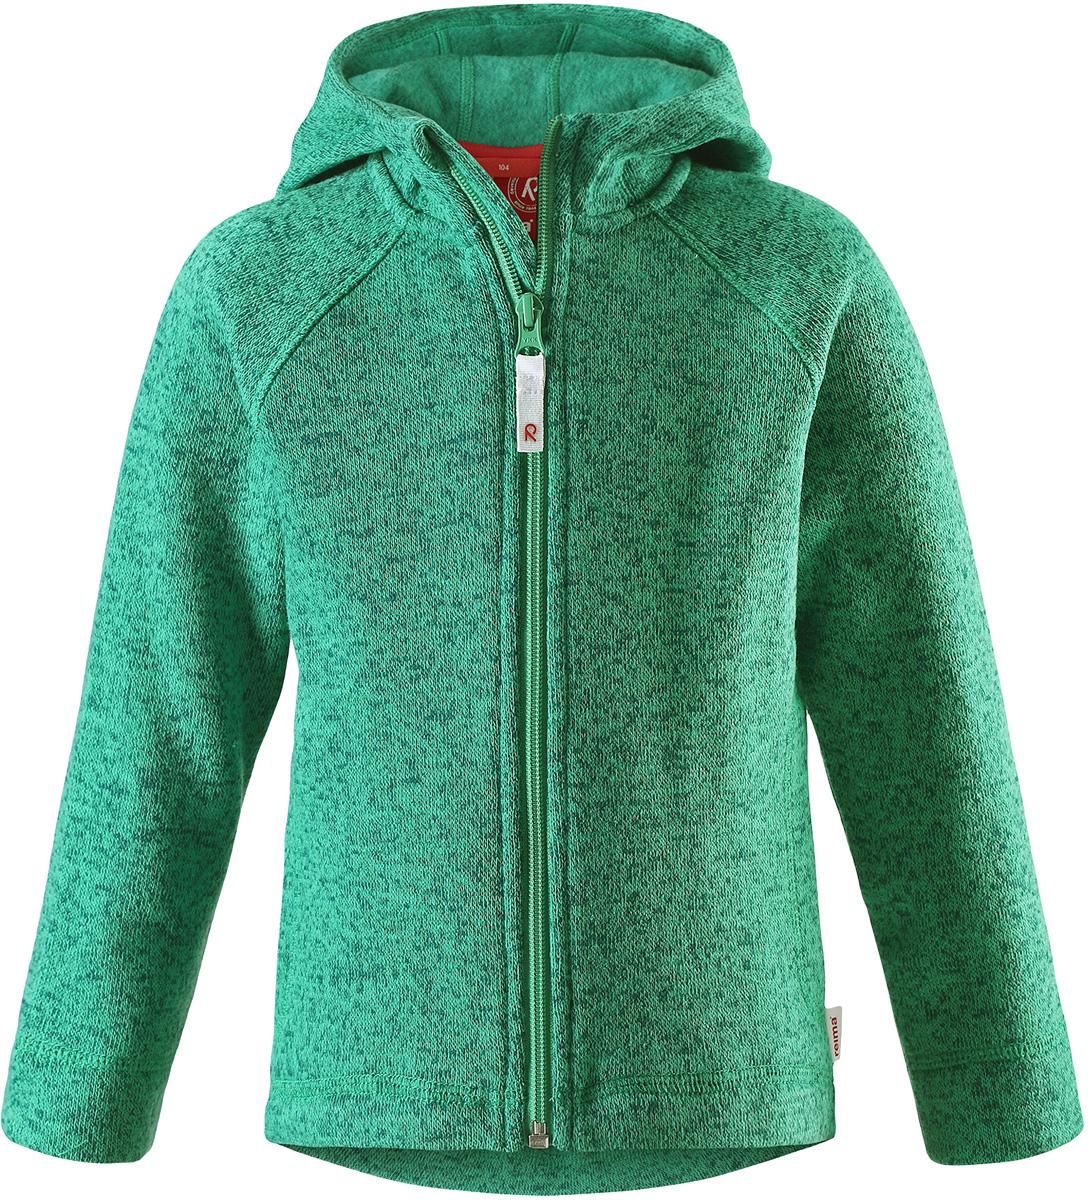 Толстовка флисовая детская Reima Pursi, цвет: зеленый. 5262518800. Размер 1045262518800Детская флисовая толстовка Reima с капюшоном отличный вариант на прохладный день. Можно использовать как верхнюю одежду в сухую погоду весной и осенью или надевать в качестве промежуточного слоя в холода. Обратите внимание на удобную систему кнопок Play Layers, с помощью которой легко присоединить эту модель к одежде из серии Reima Play Layers и обеспечить ребенку дополнительное тепло и комфорт. Высококачественный флис - это теплый, легкий и быстросохнущий материал, он идеально подходит для активных прогулок. Удлиненная спинка обеспечивает дополнительную защиту для поясницы, а молния во всю длину с защитой для подбородка облегчает надевание.